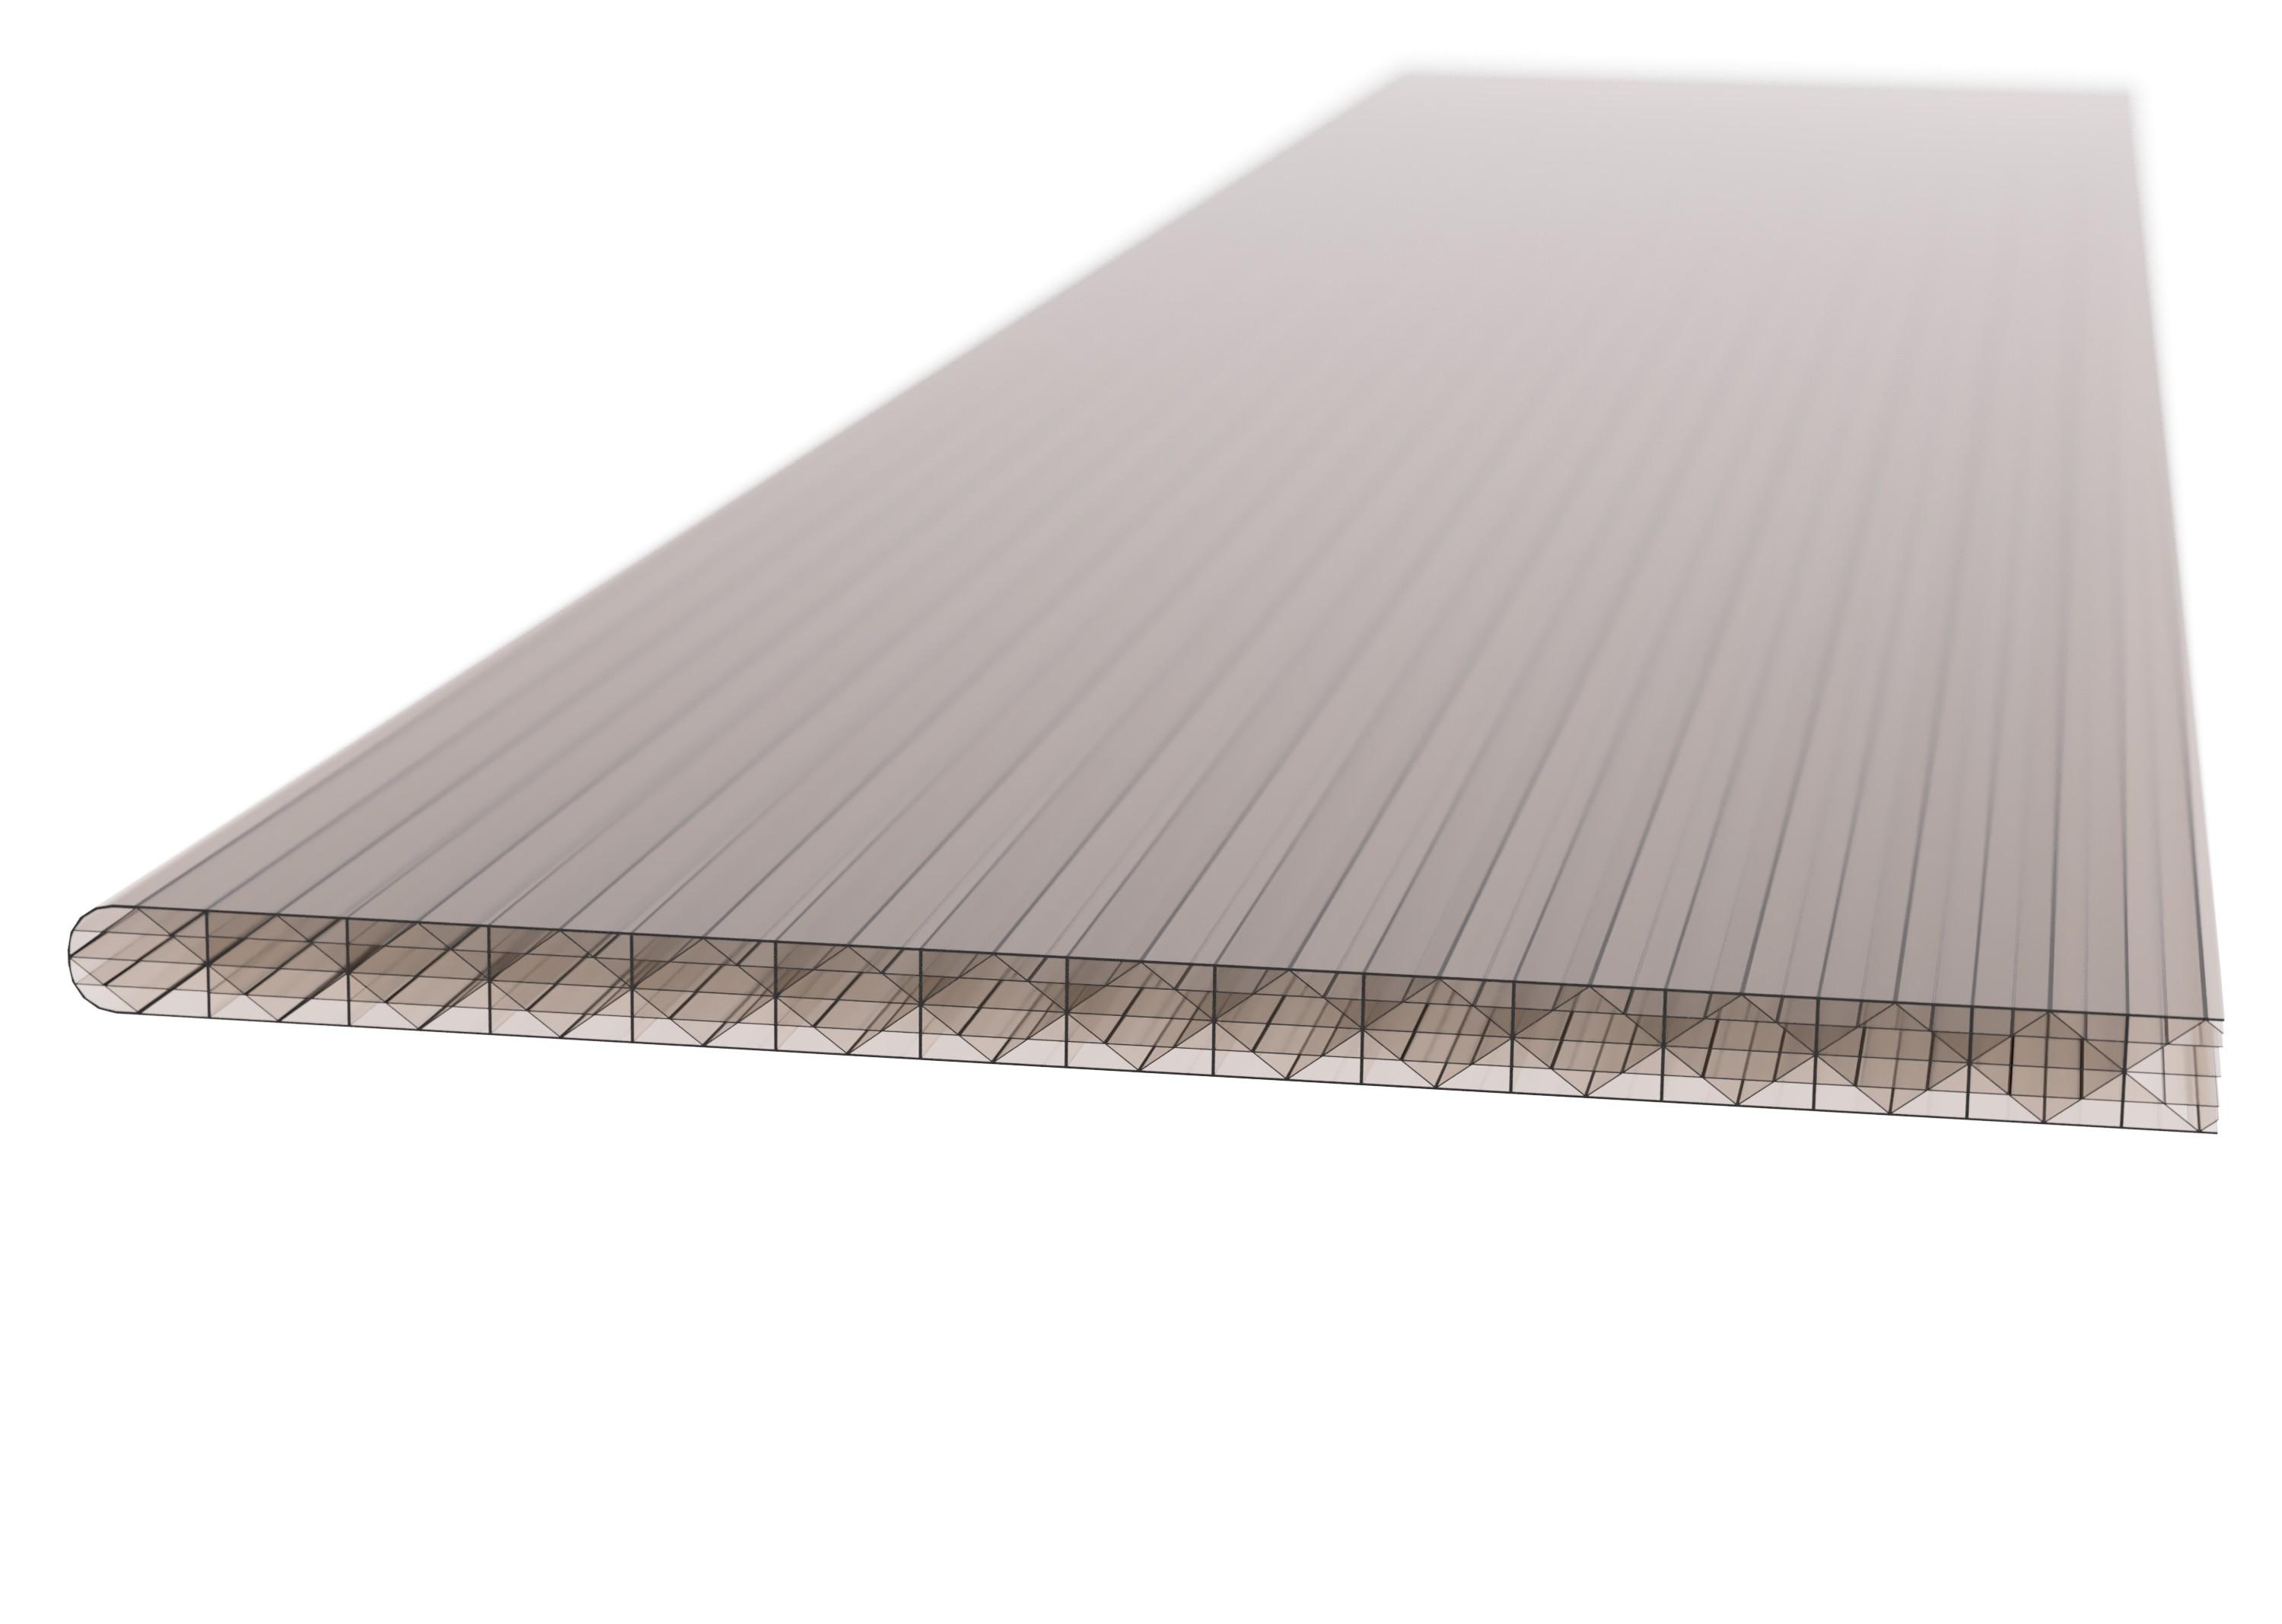 Komůrkové desky s tloušťkou 16 mm